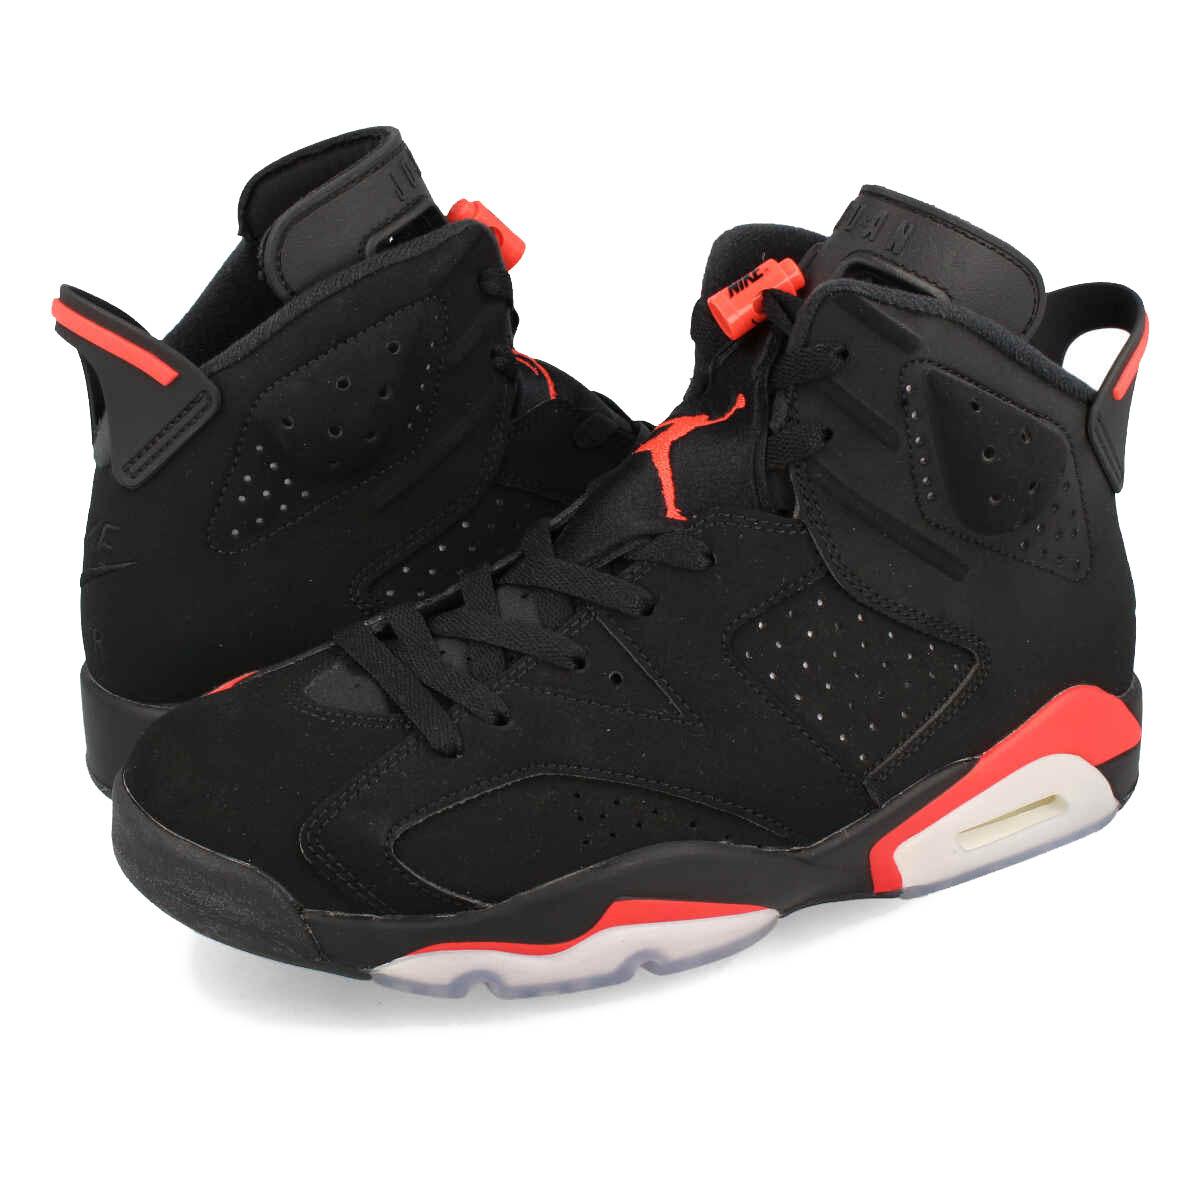 8dde7c7dc8 Categories. « All Categories · Shoes · Men's Shoes · Sneakers · NIKE AIR  JORDAN 6 RETRO Nike Air Jordan 6 nostalgic BLACK/INFRARED 384,664-060